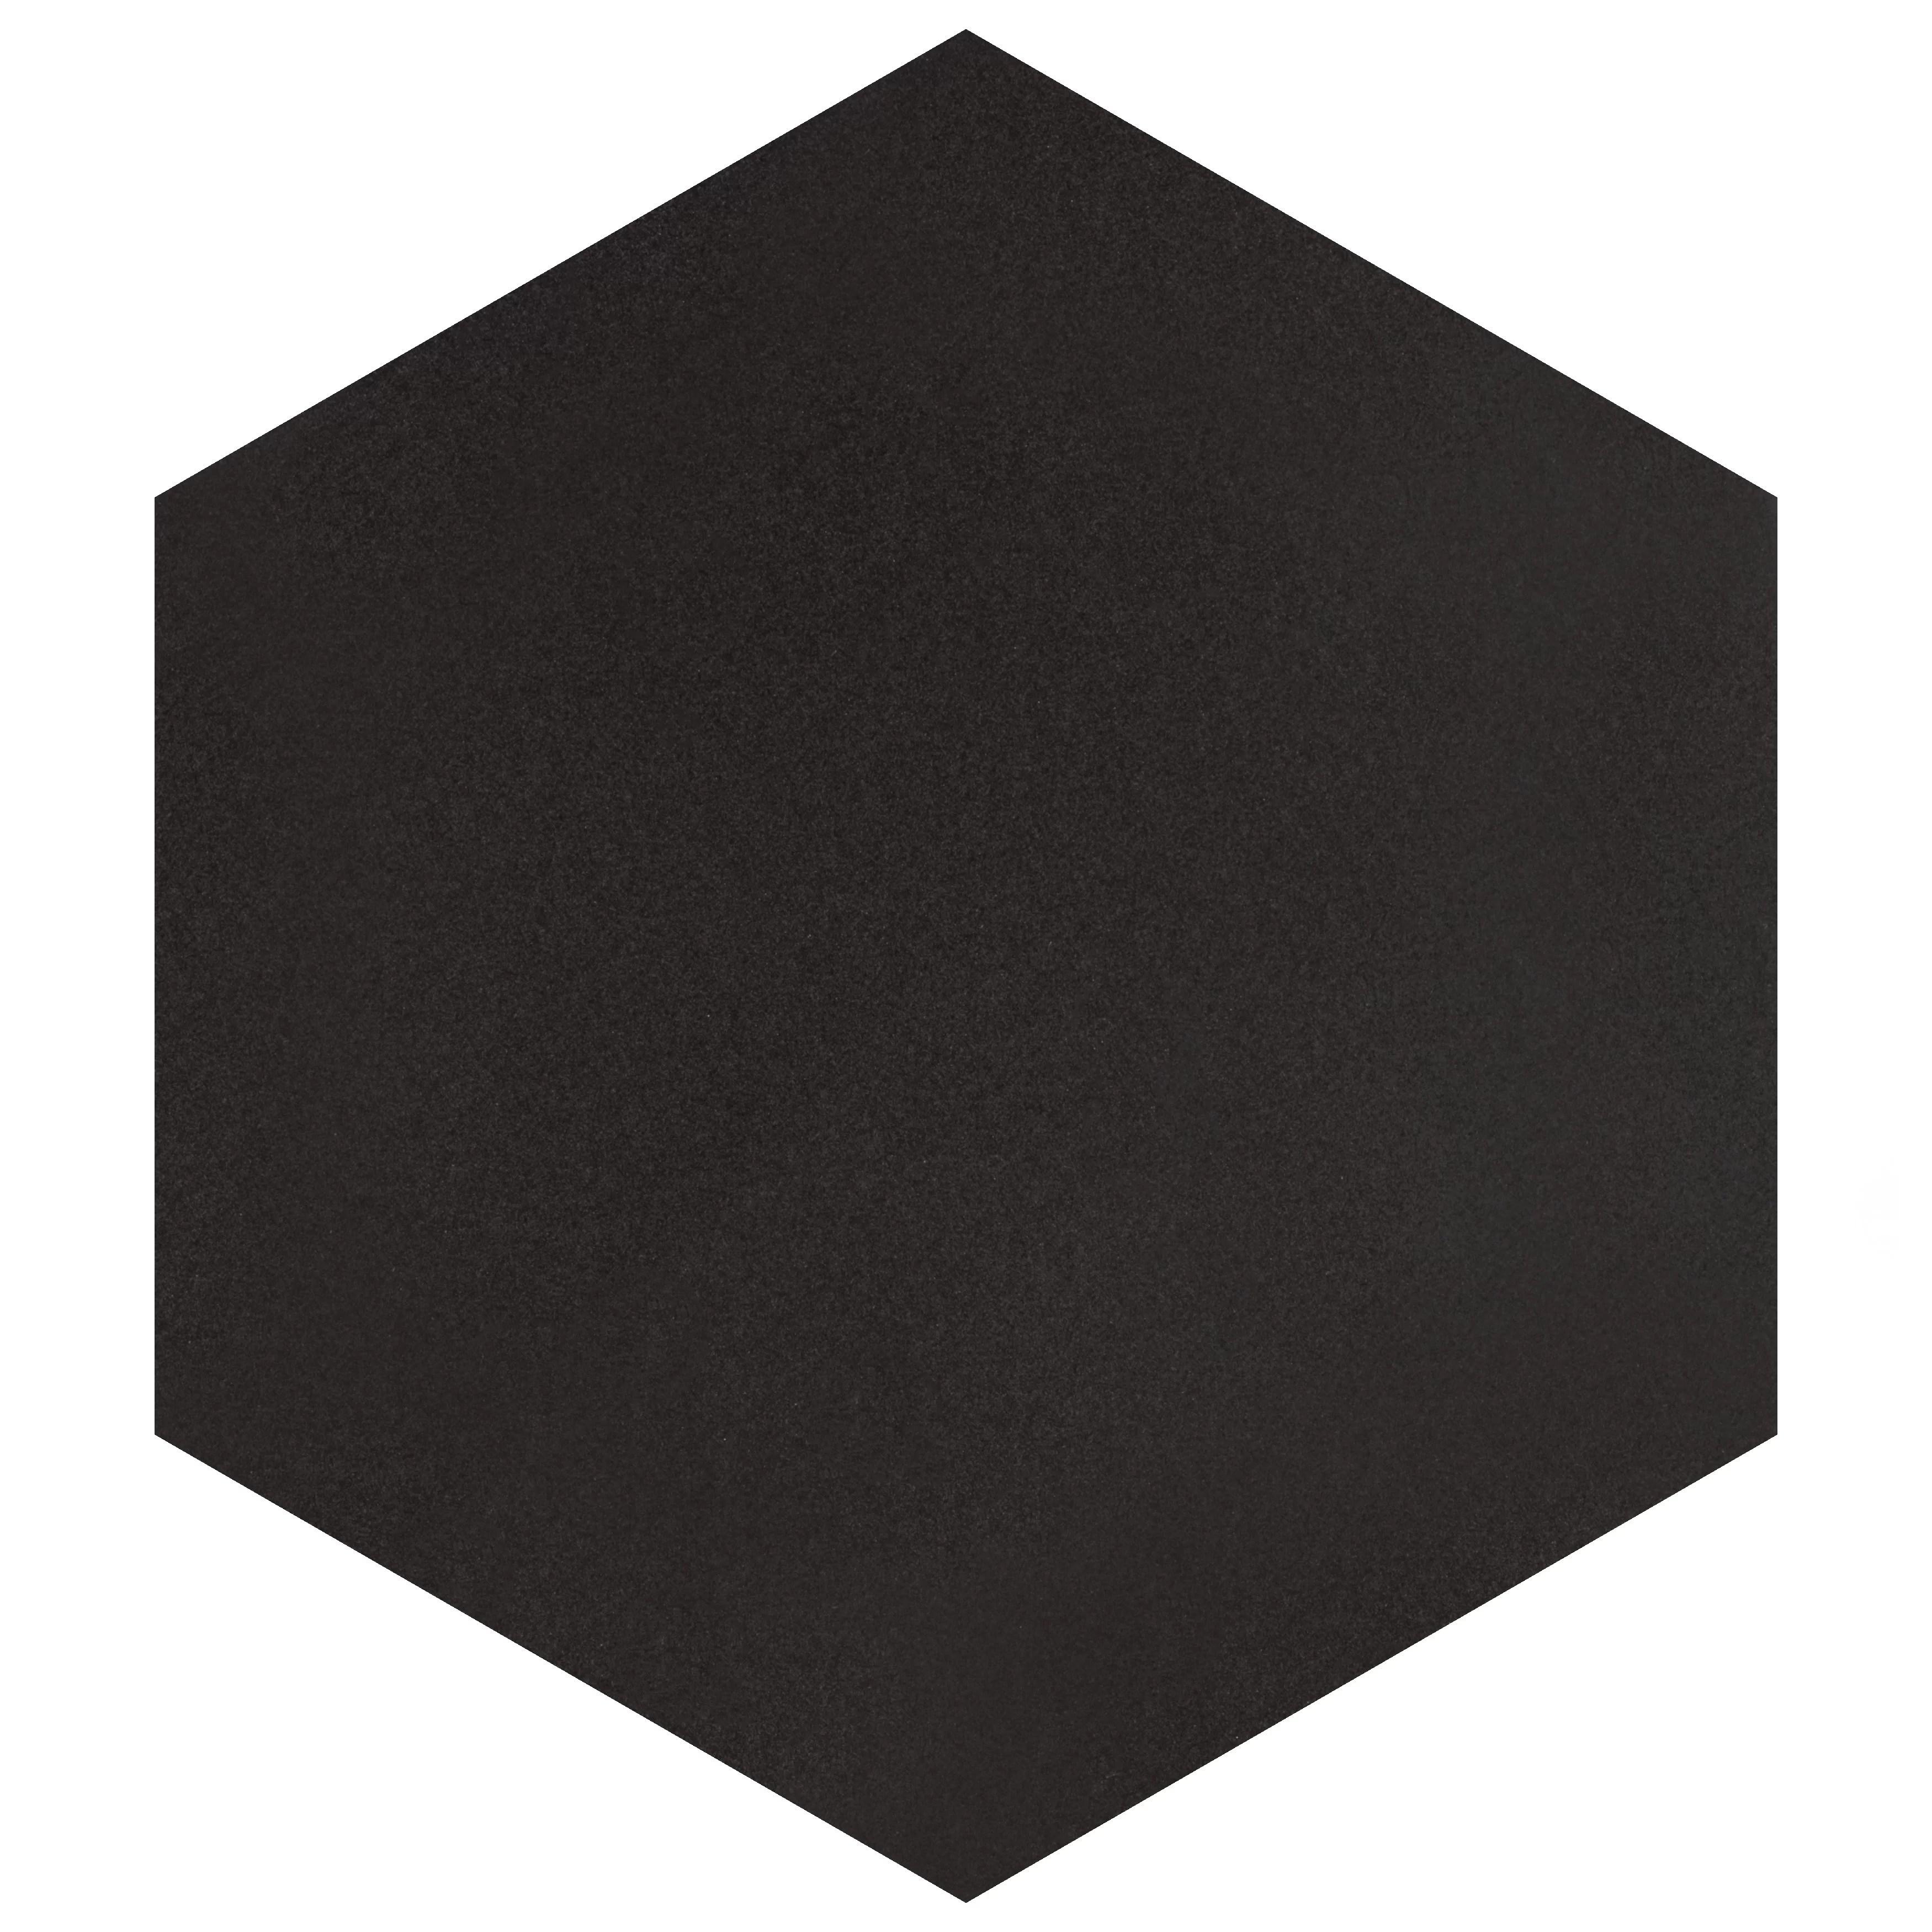 black hexagon floor tiles wall tiles